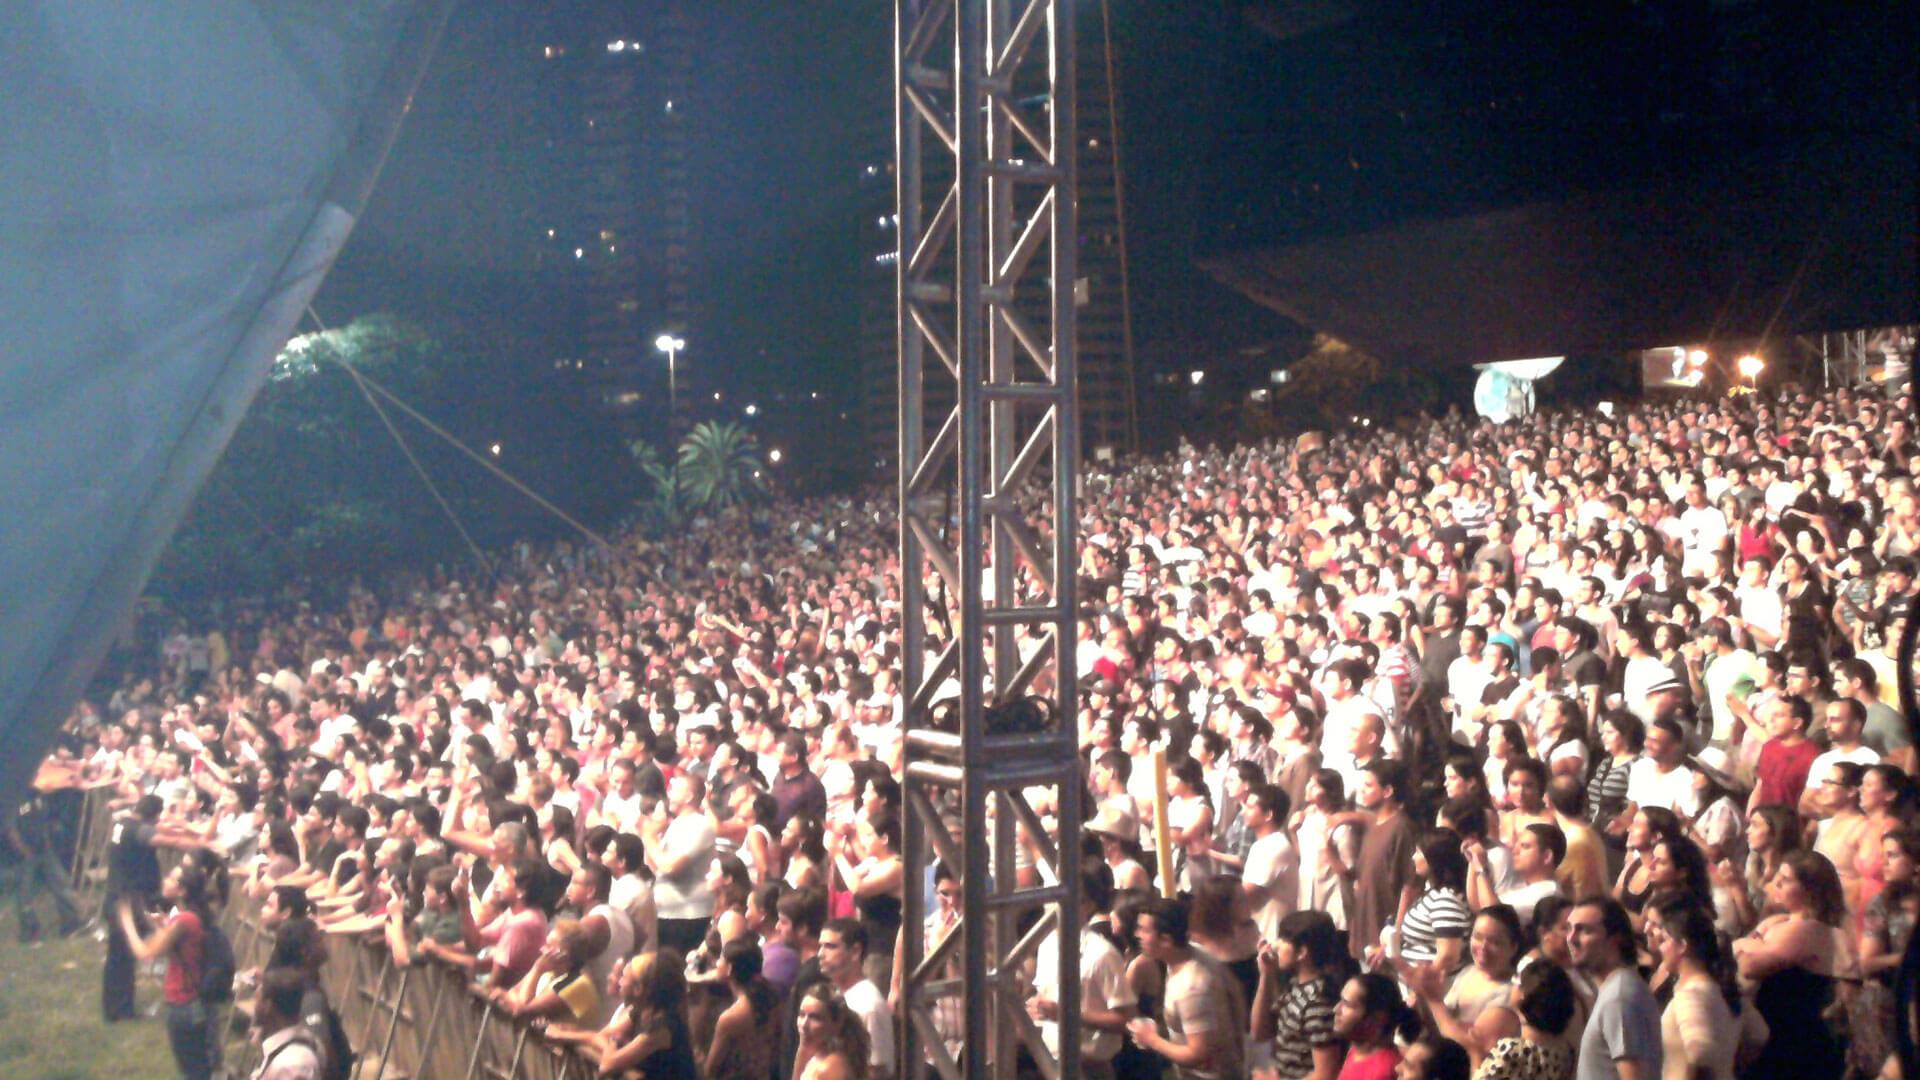 Multidão no gramado do Parque do Cocó em show de música ao vivo